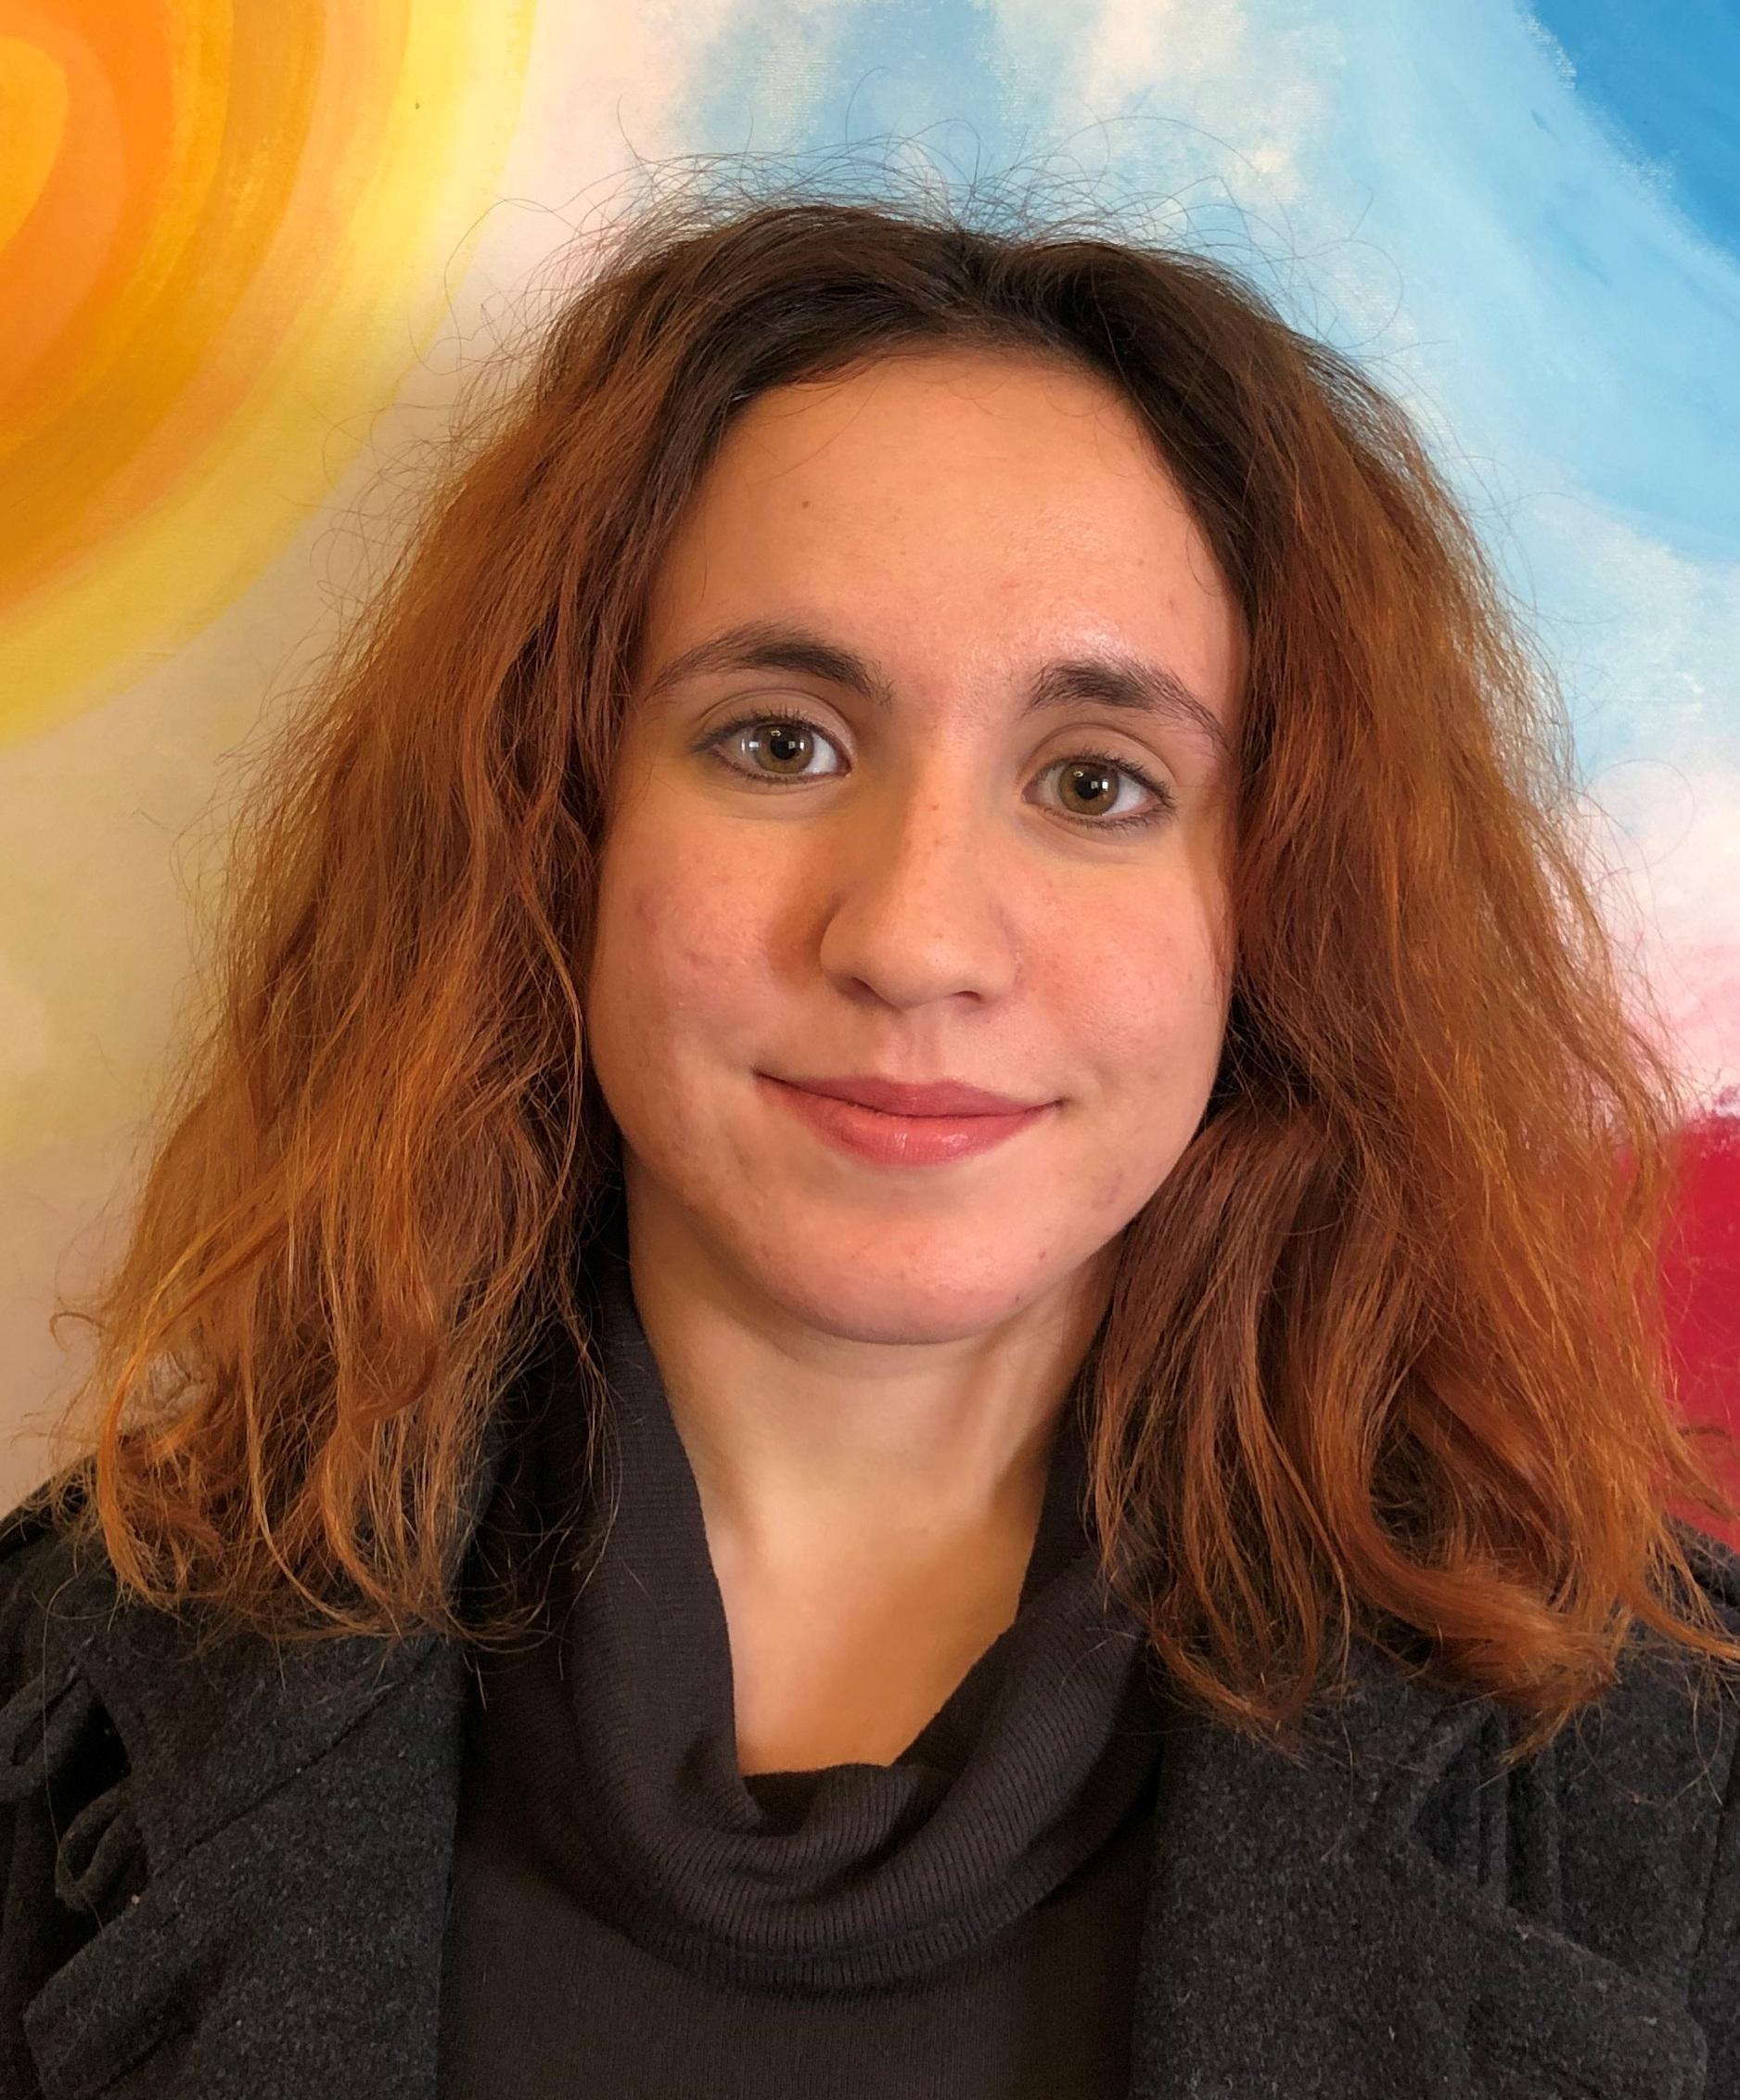 Μαρία Κιάφα